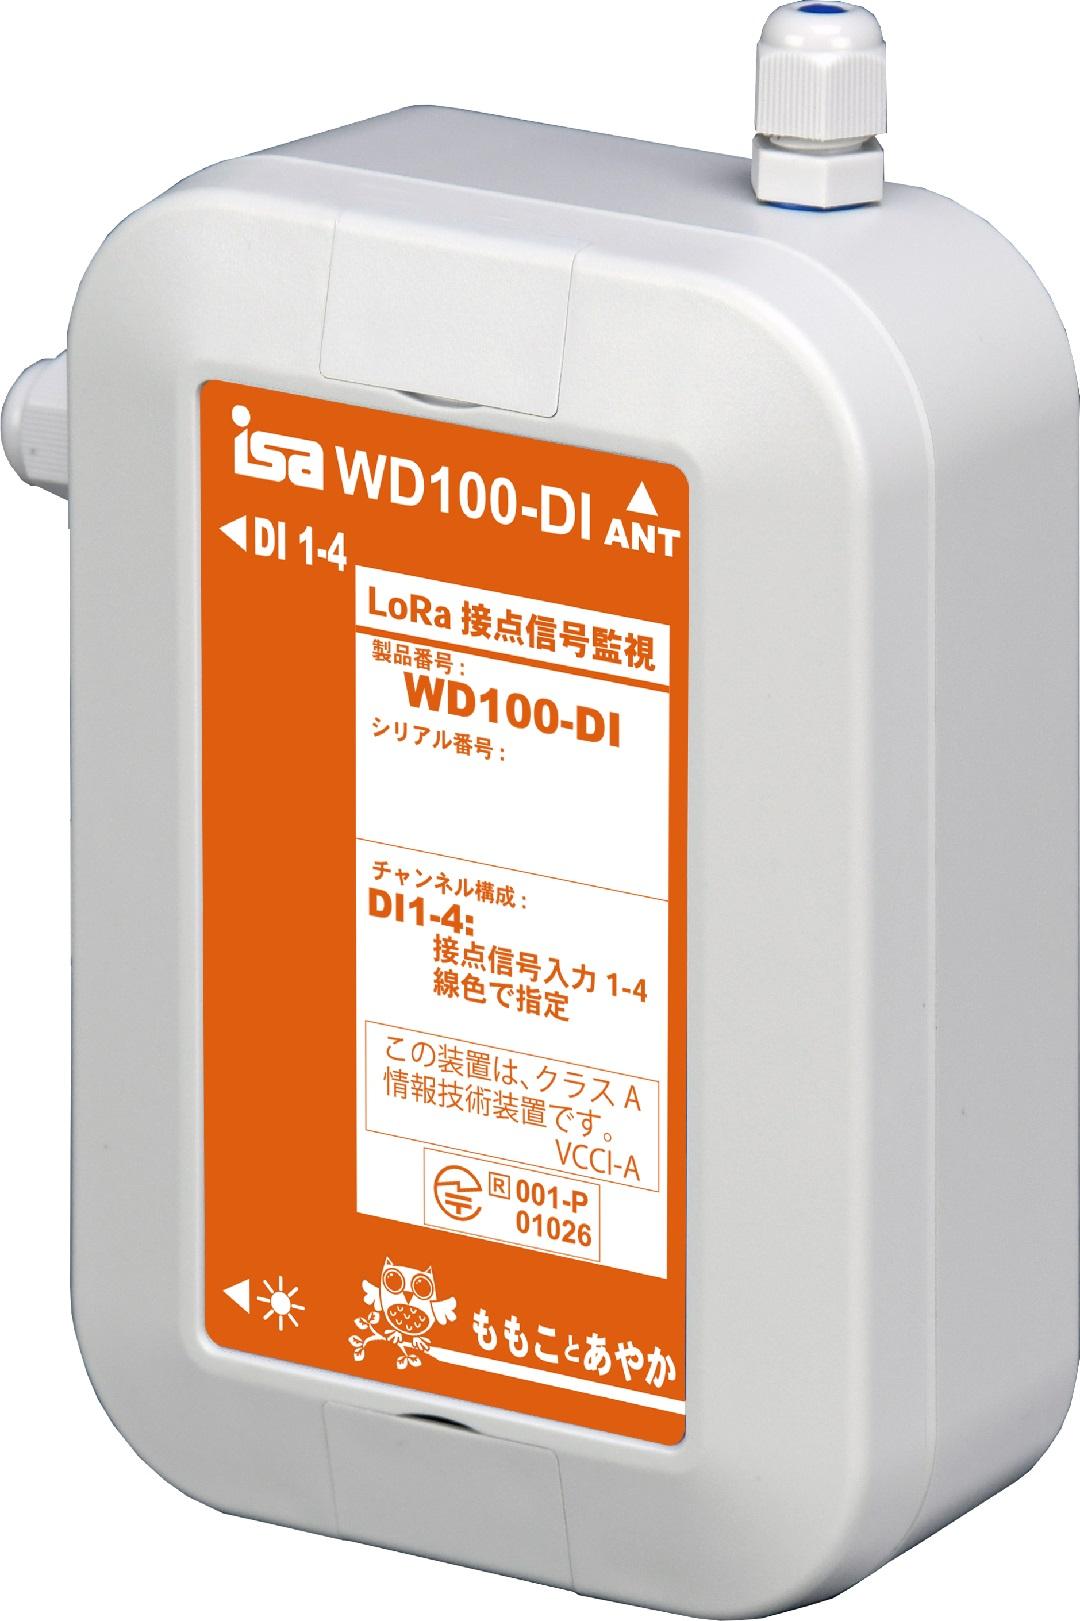 [ 無線通信 ] WD100-DI画像